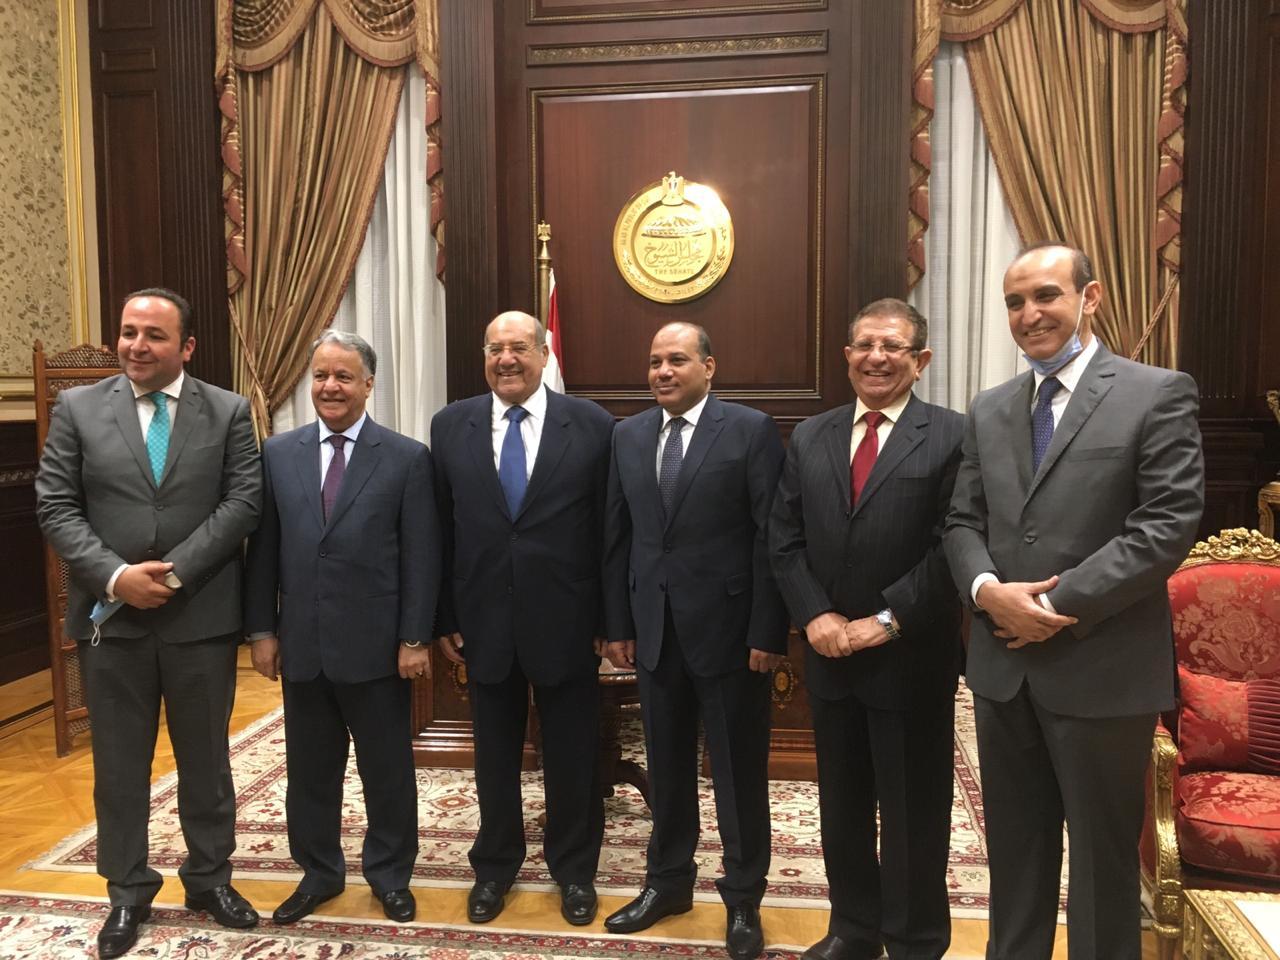 صور   رئيس مجلس الشيوخ يستقبل وفد الوحدة الاقتصادية العربية 